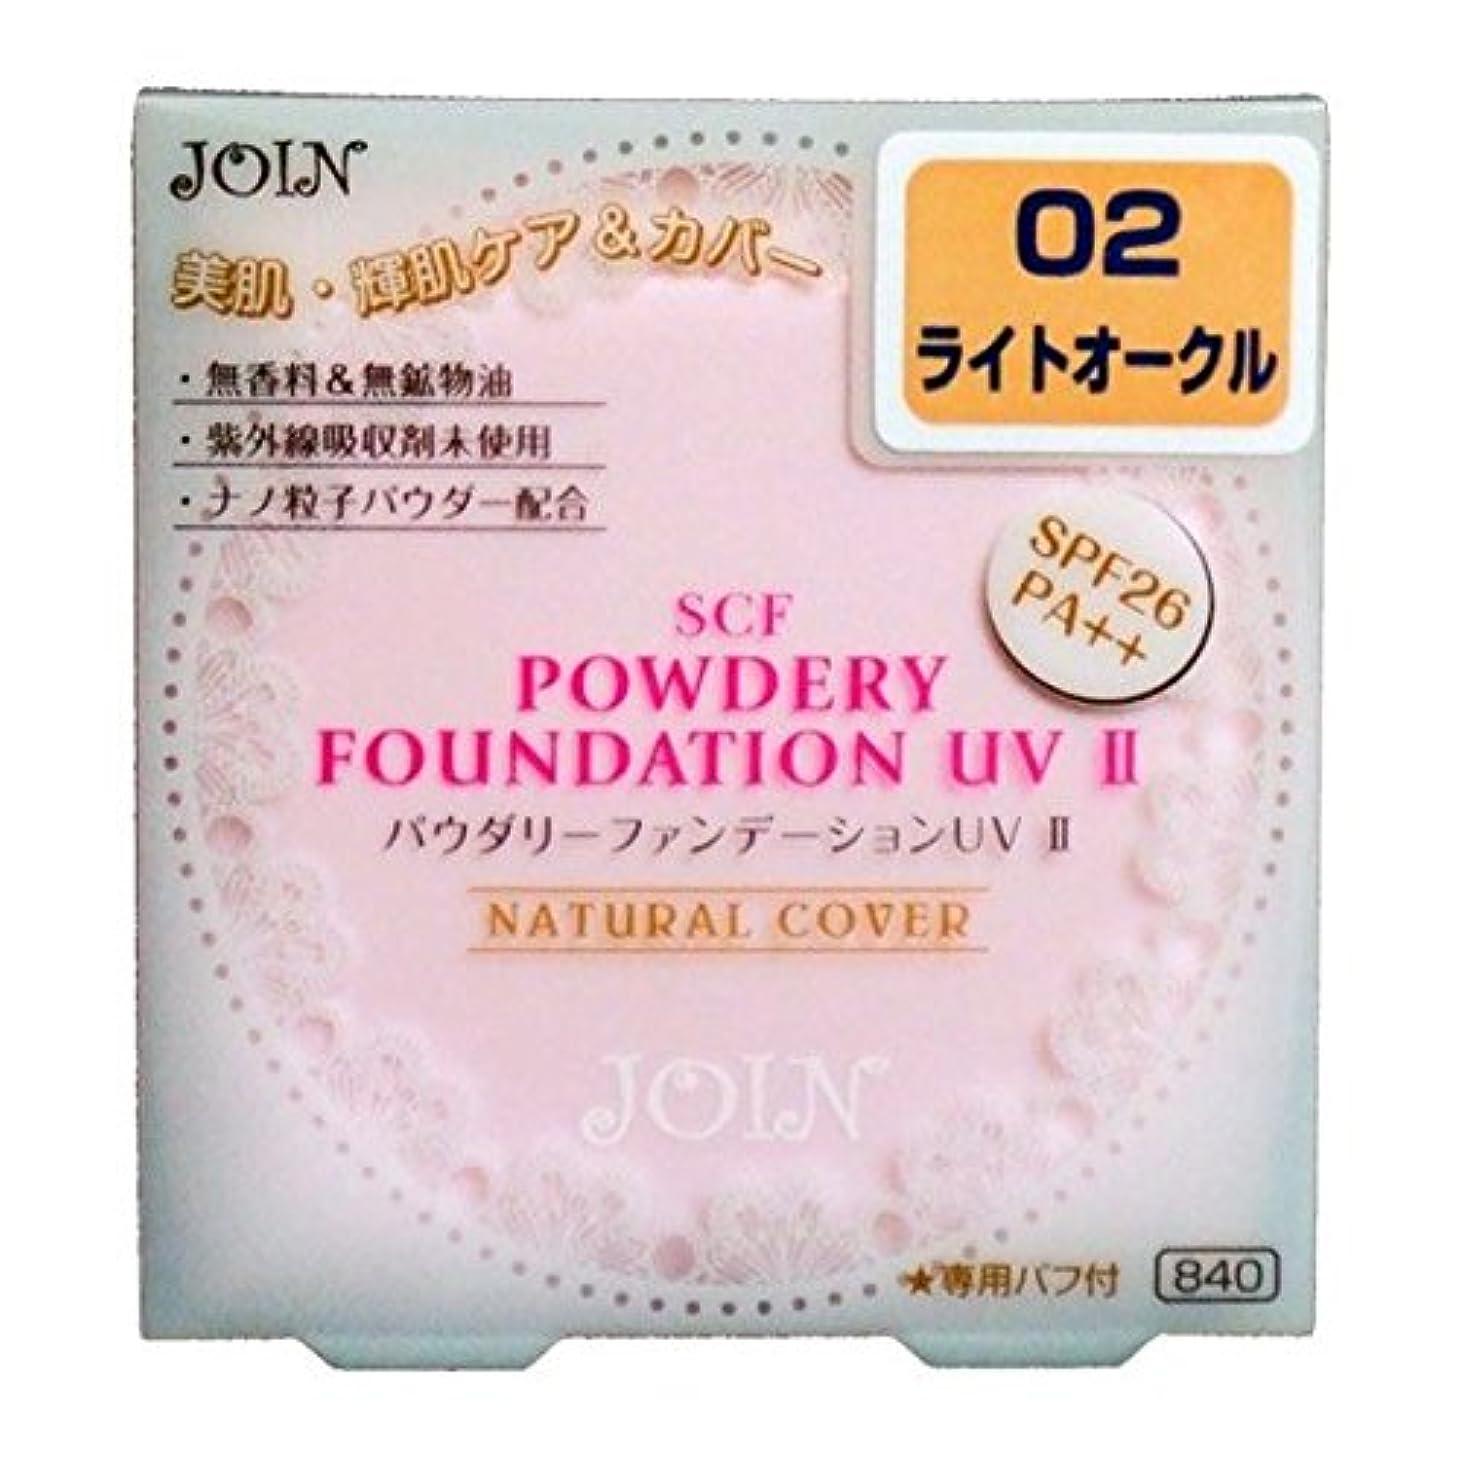 ジャベスウィルソン密度真向こう日本製 Japan ジョイン SCFパウダリーファンデーションUV 2 専用パフ付き 12g 02ライトオークル 【まとめ買い6個セット】